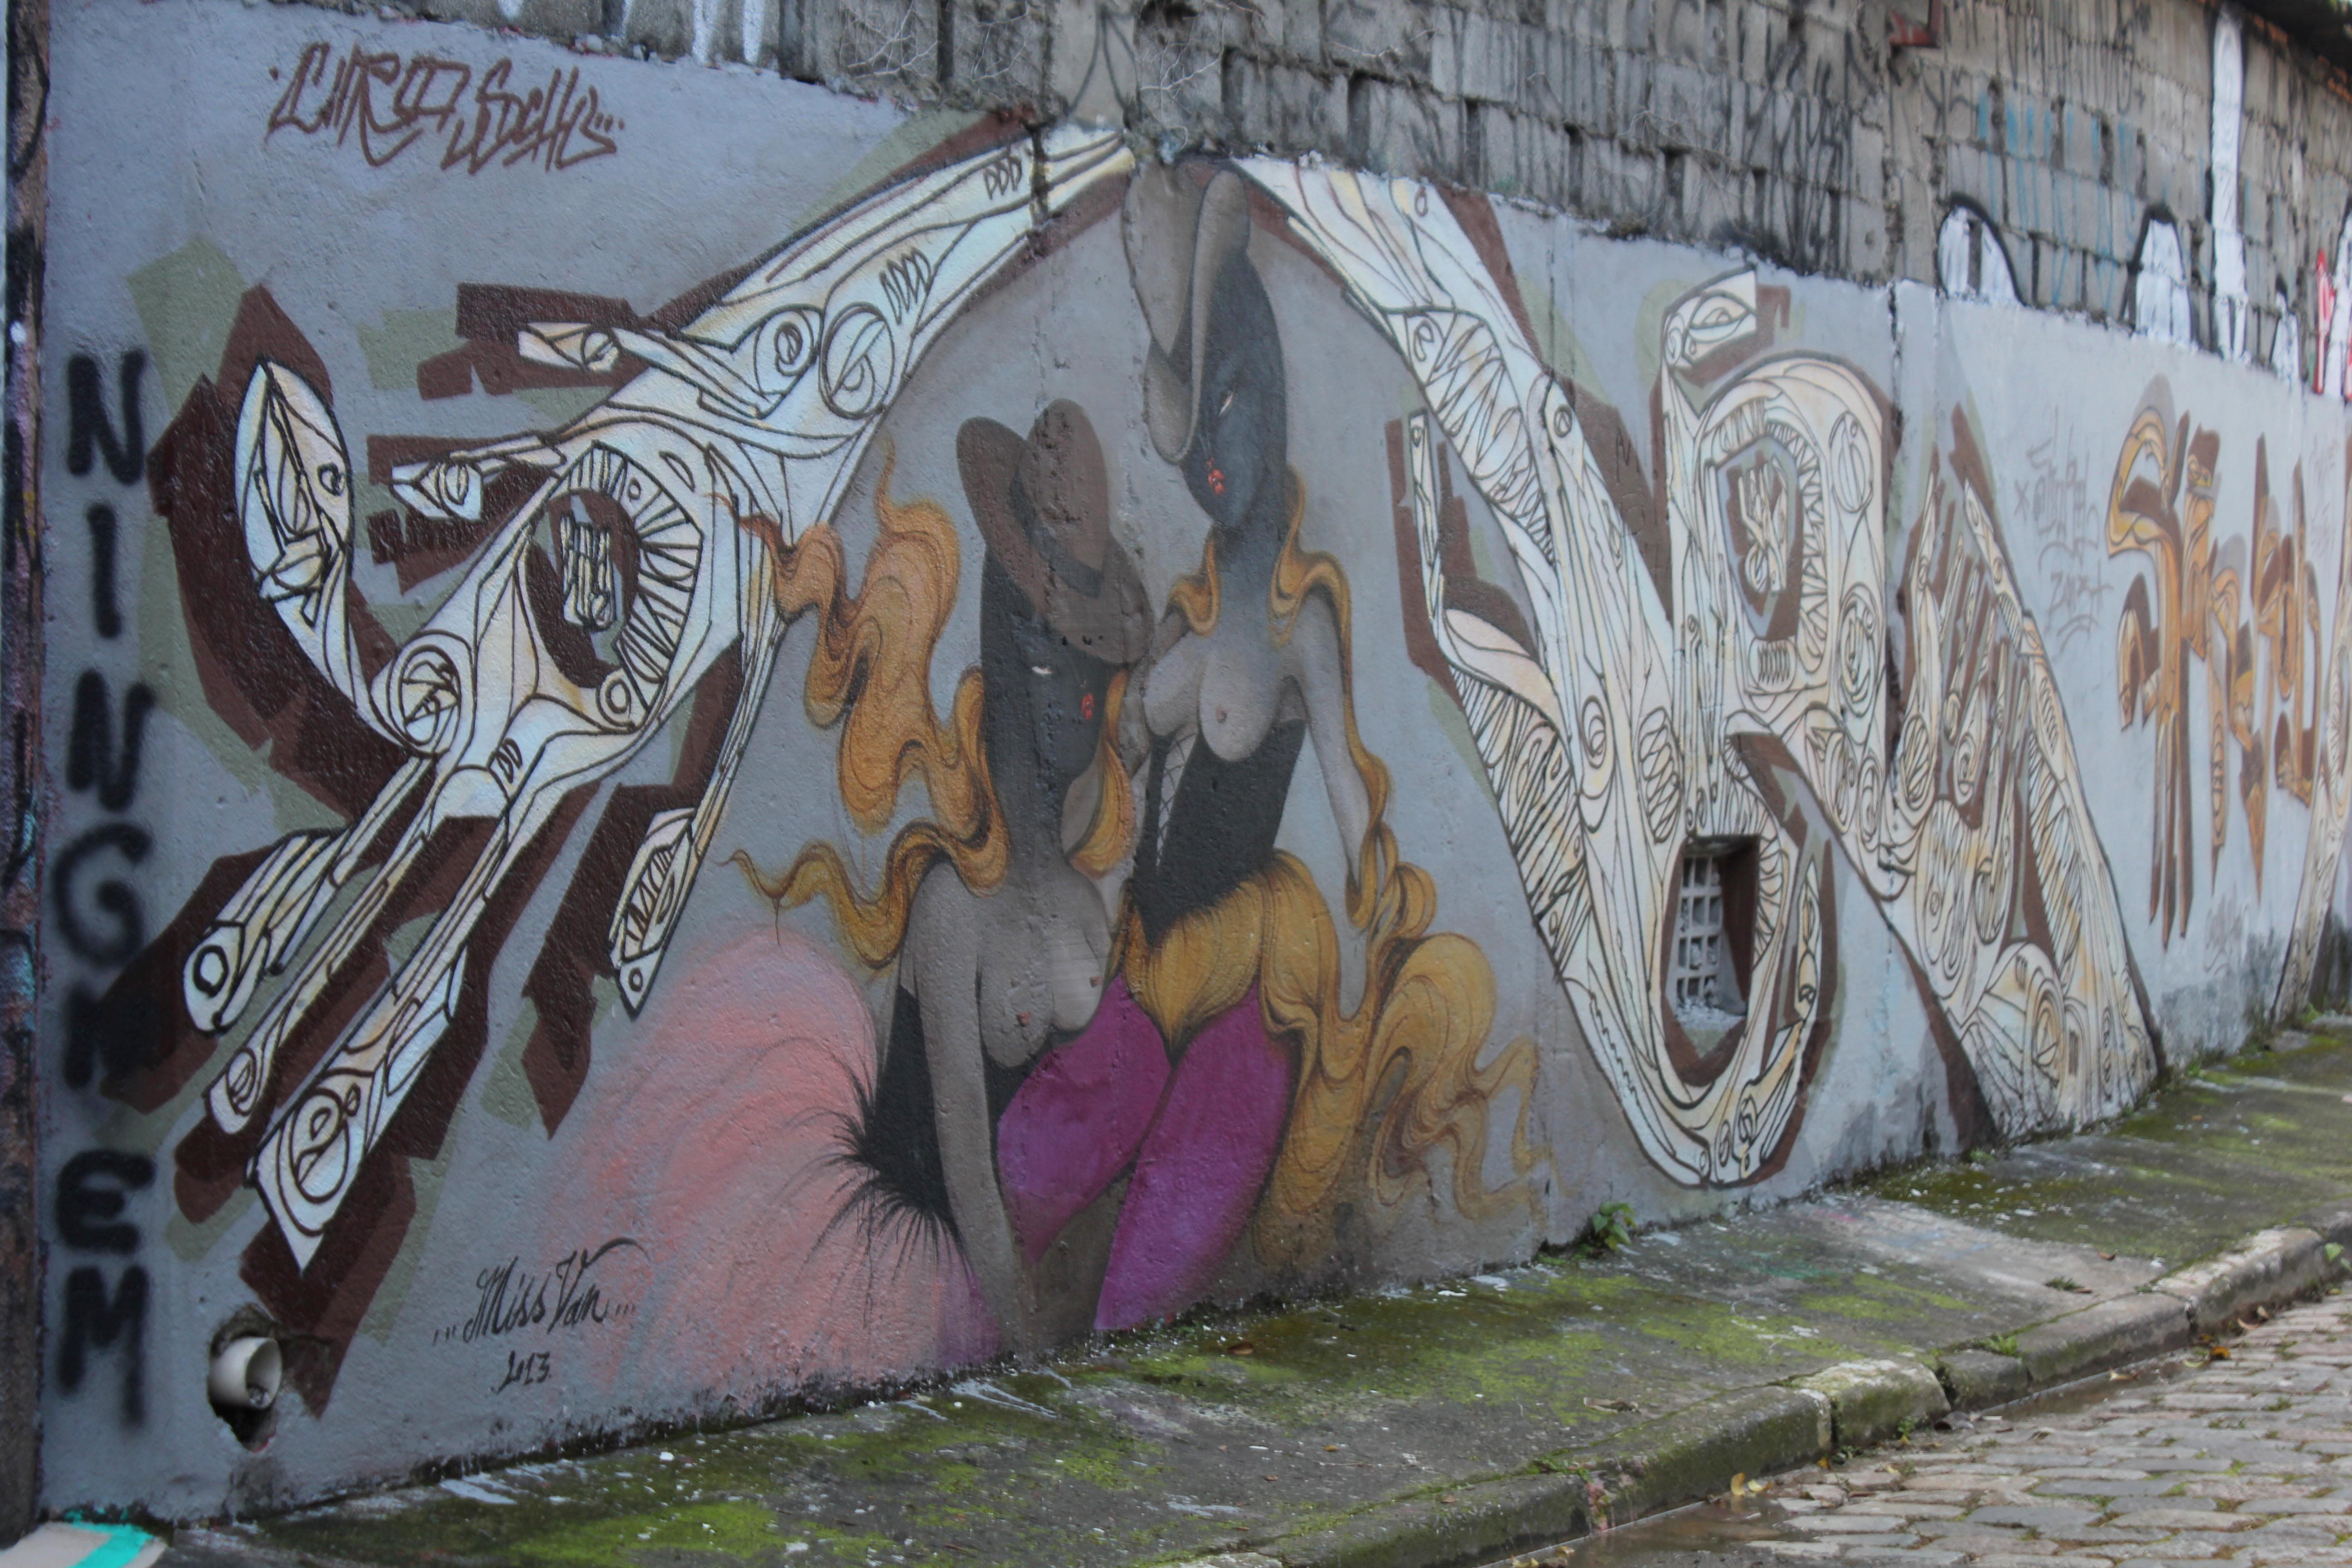 São Paulo's Street Art 34